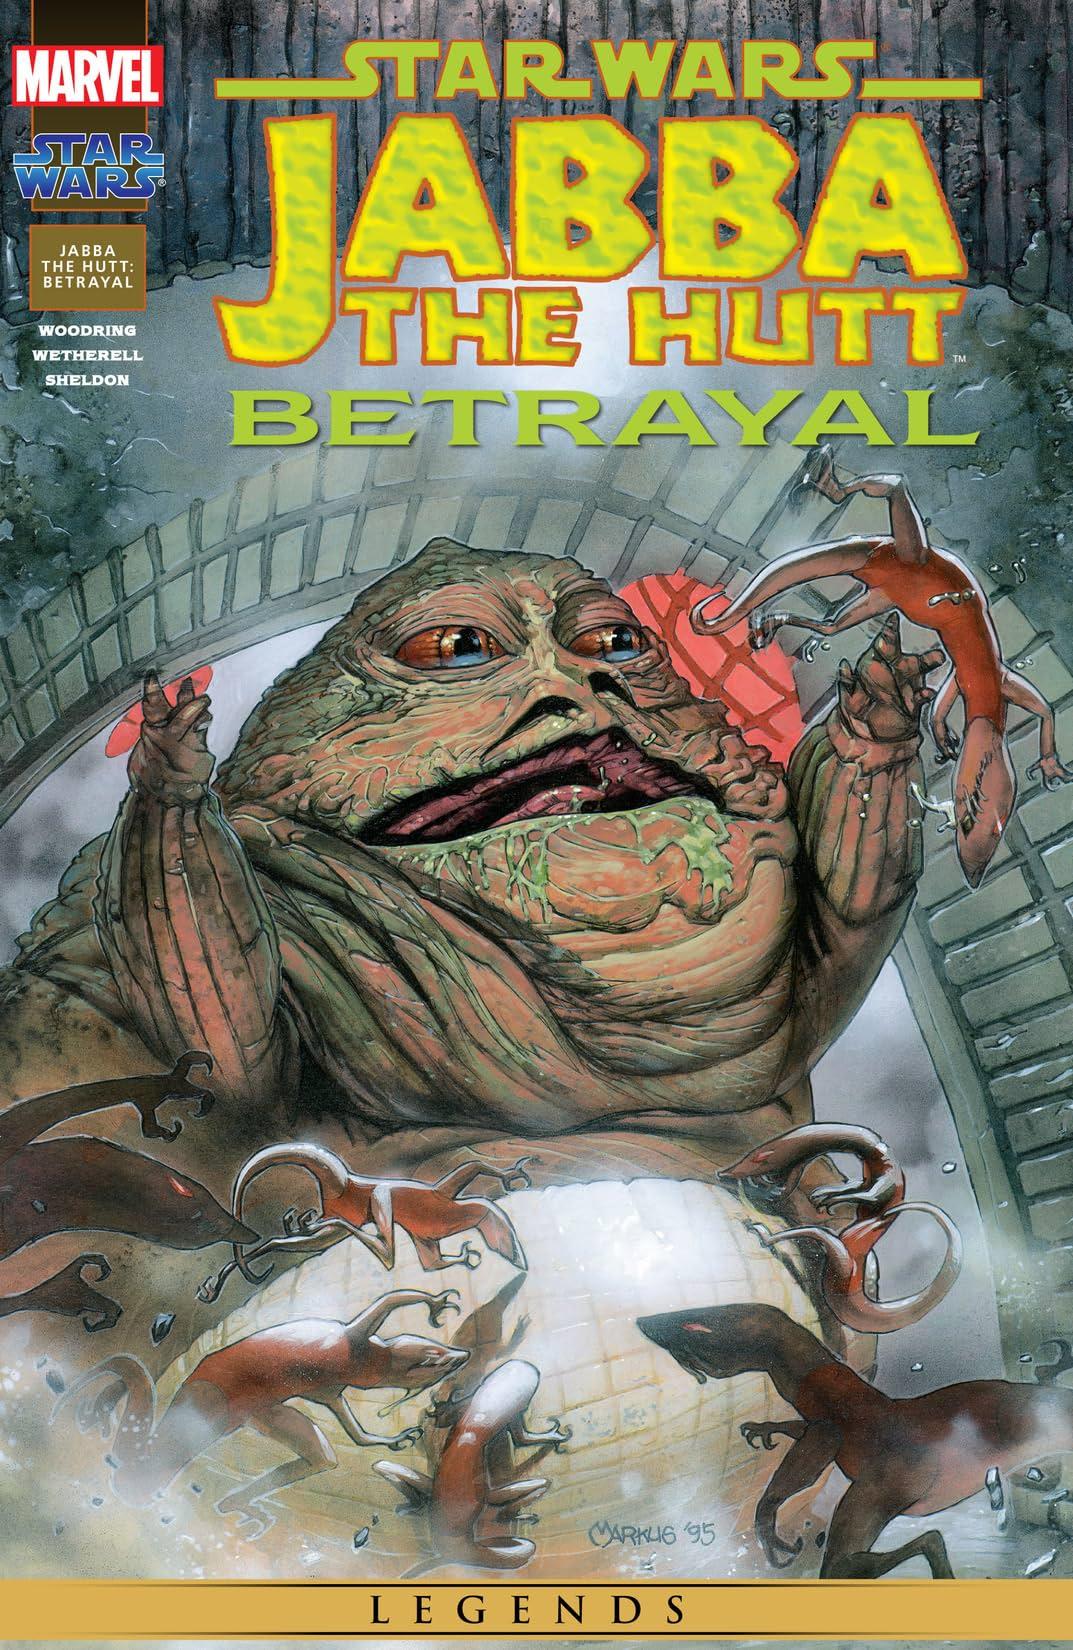 Star Wars: Jabba The Hutt - Betrayal (1996)